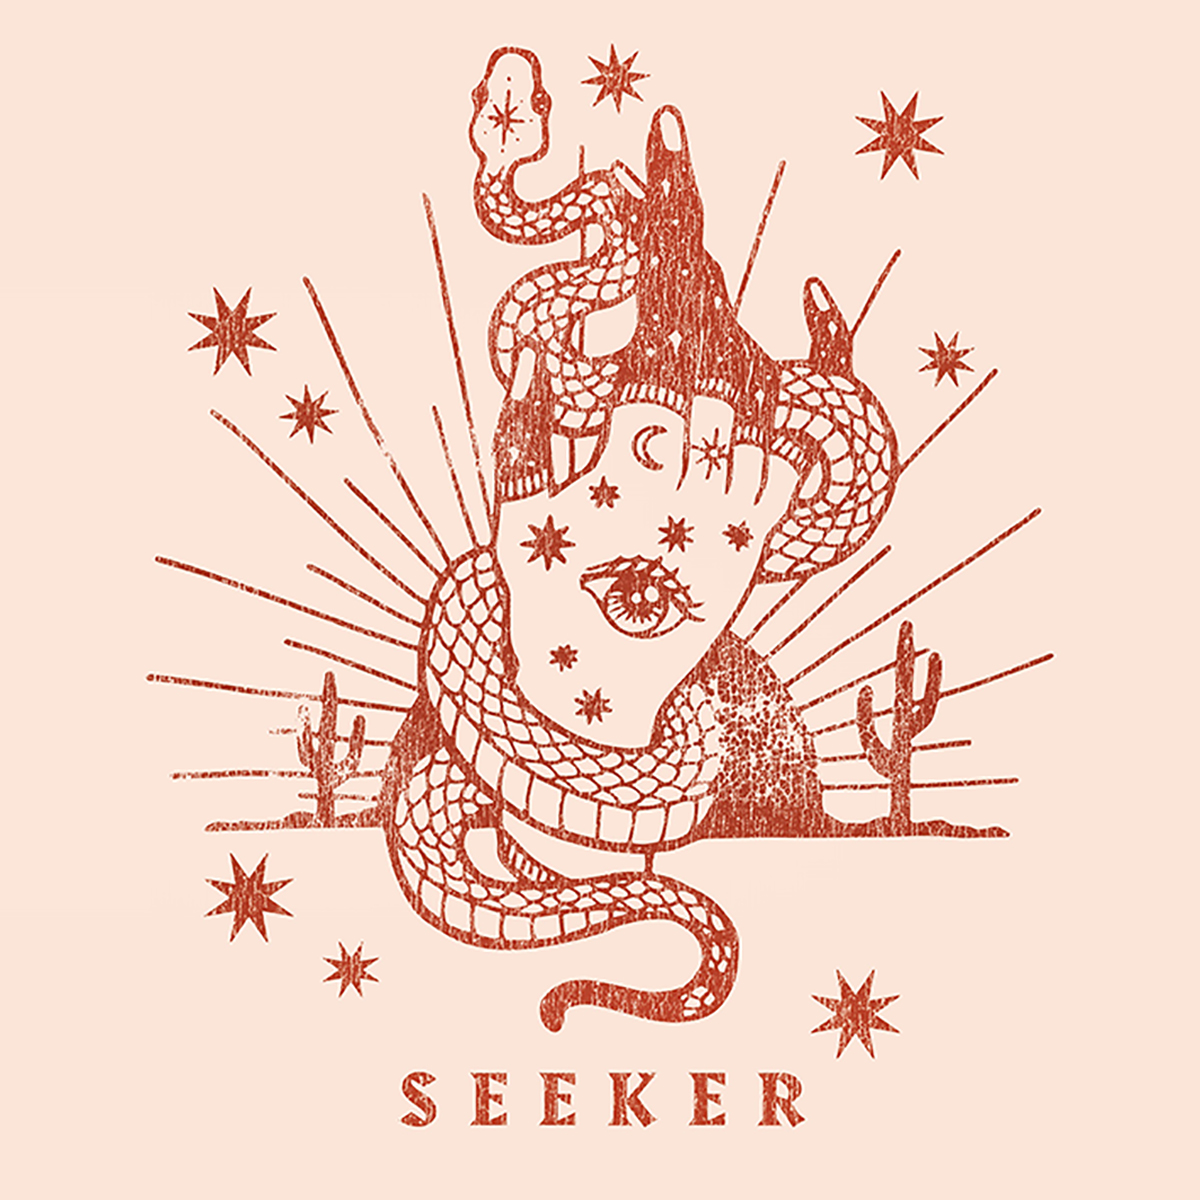 Seeker-web.jpg